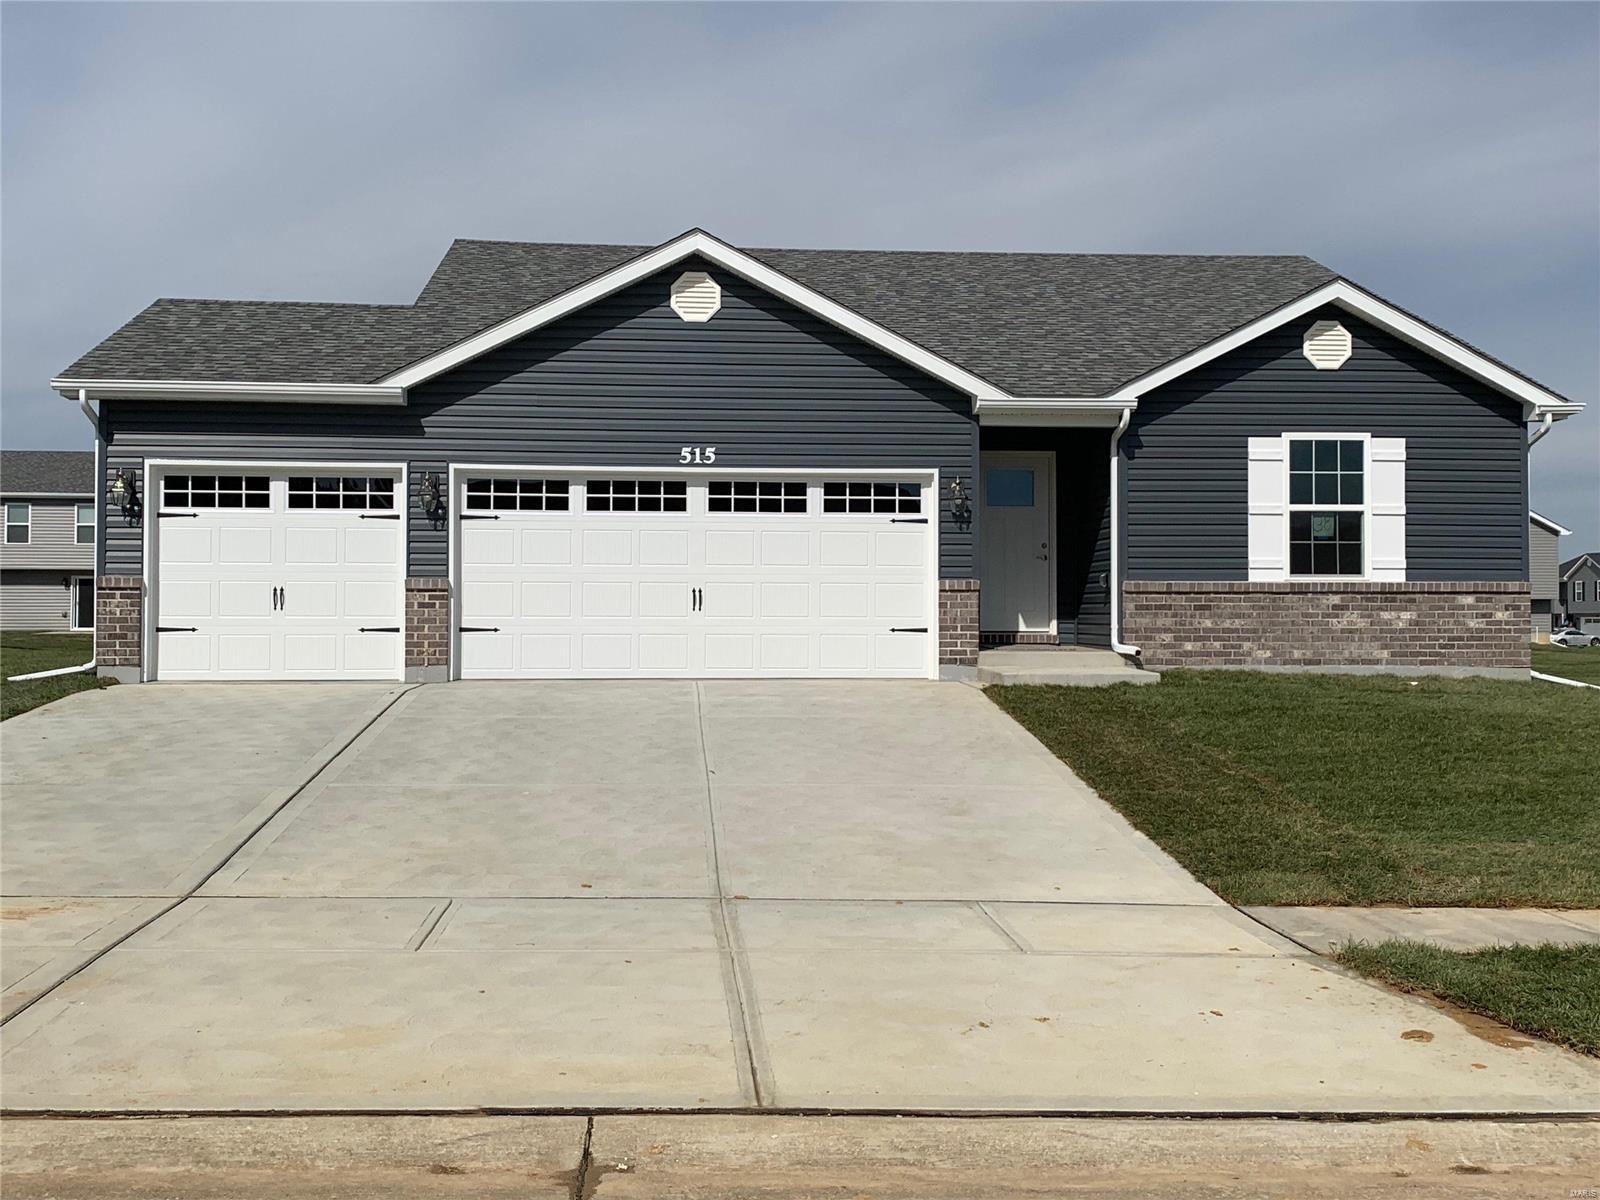 1101 Slapshot Drive, Foristell, MO 63348 - MLS#: 21065974